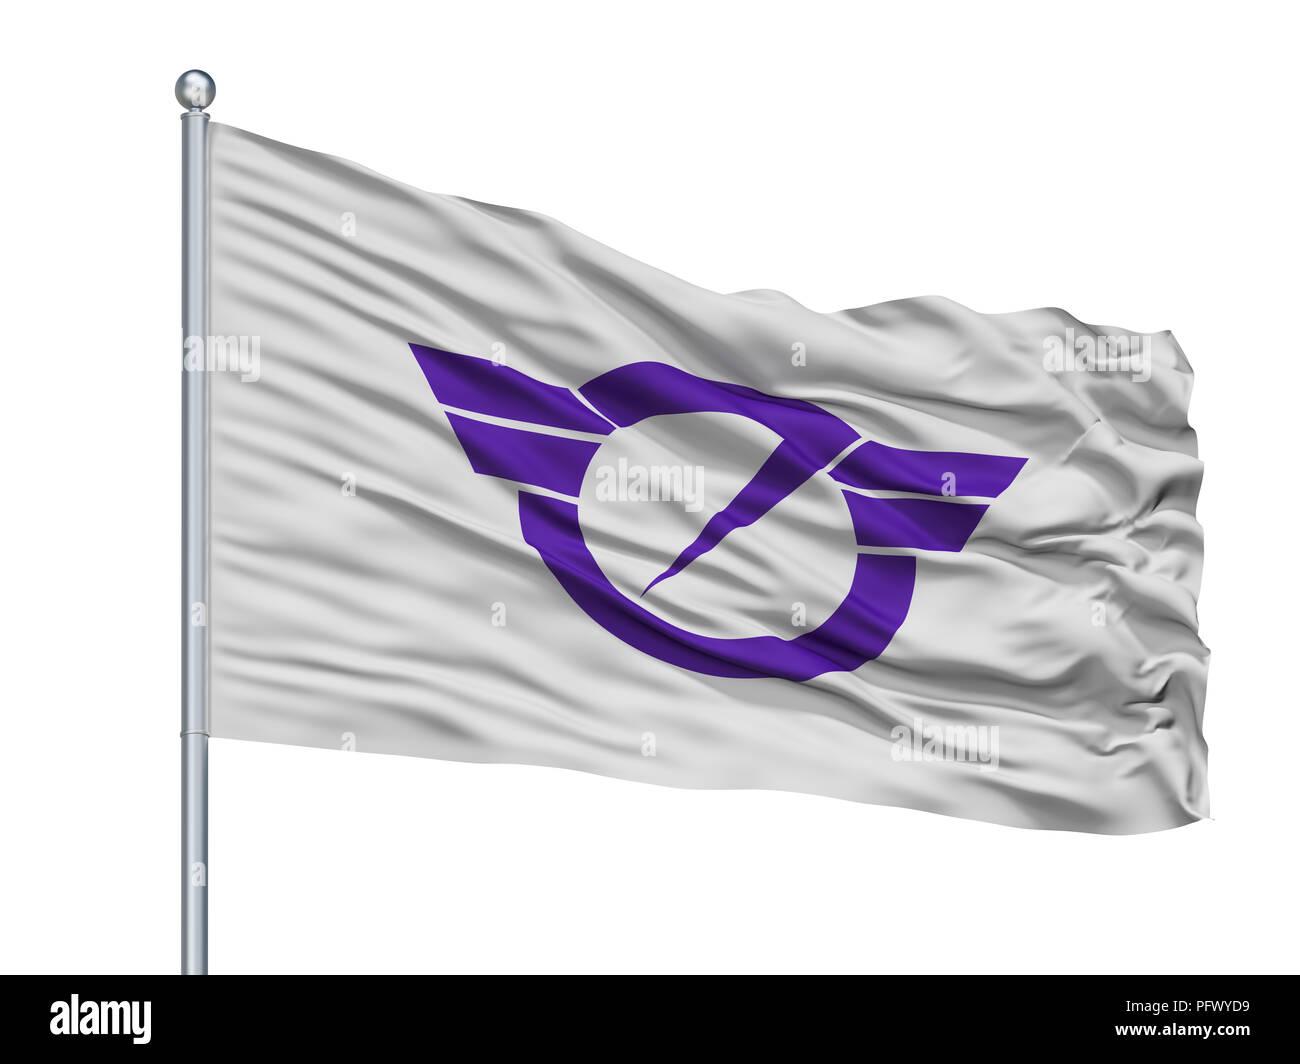 Fujisawa City Flag On Flagpole, Japan, Kanagawa Prefecture, Isolated On White Background - Stock Image